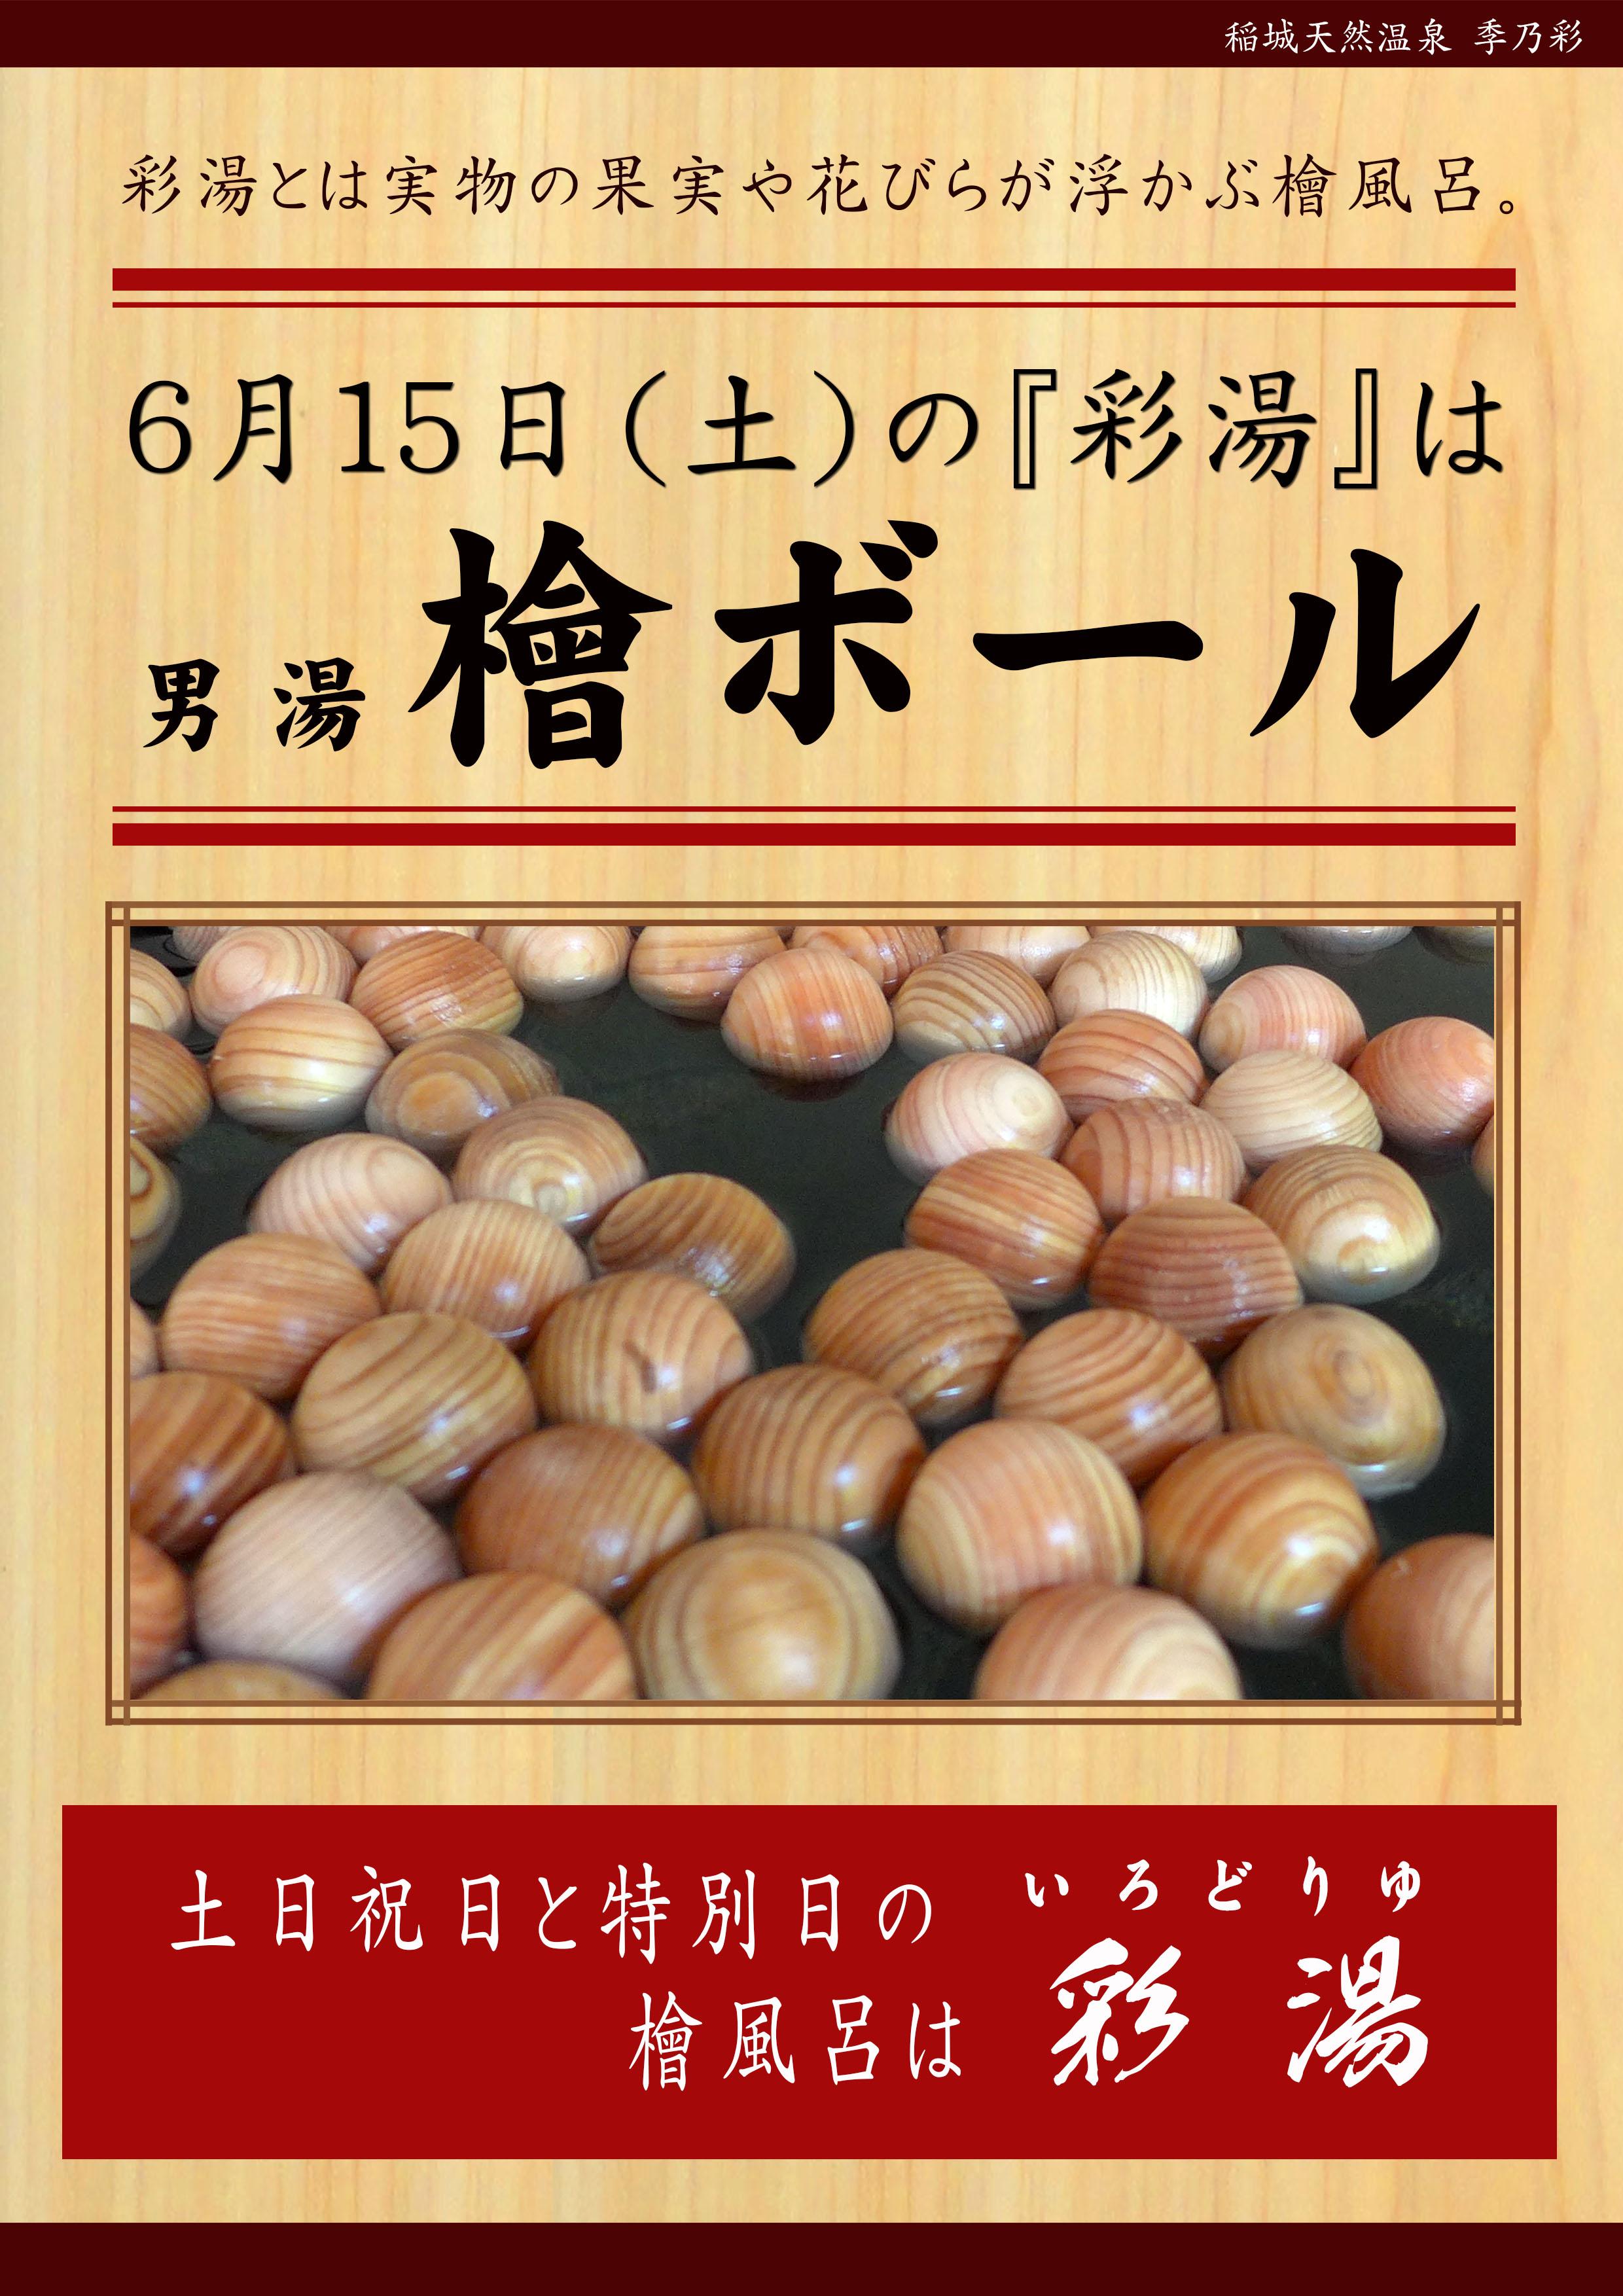 190615 イベント 彩湯 男湯 檜ボール